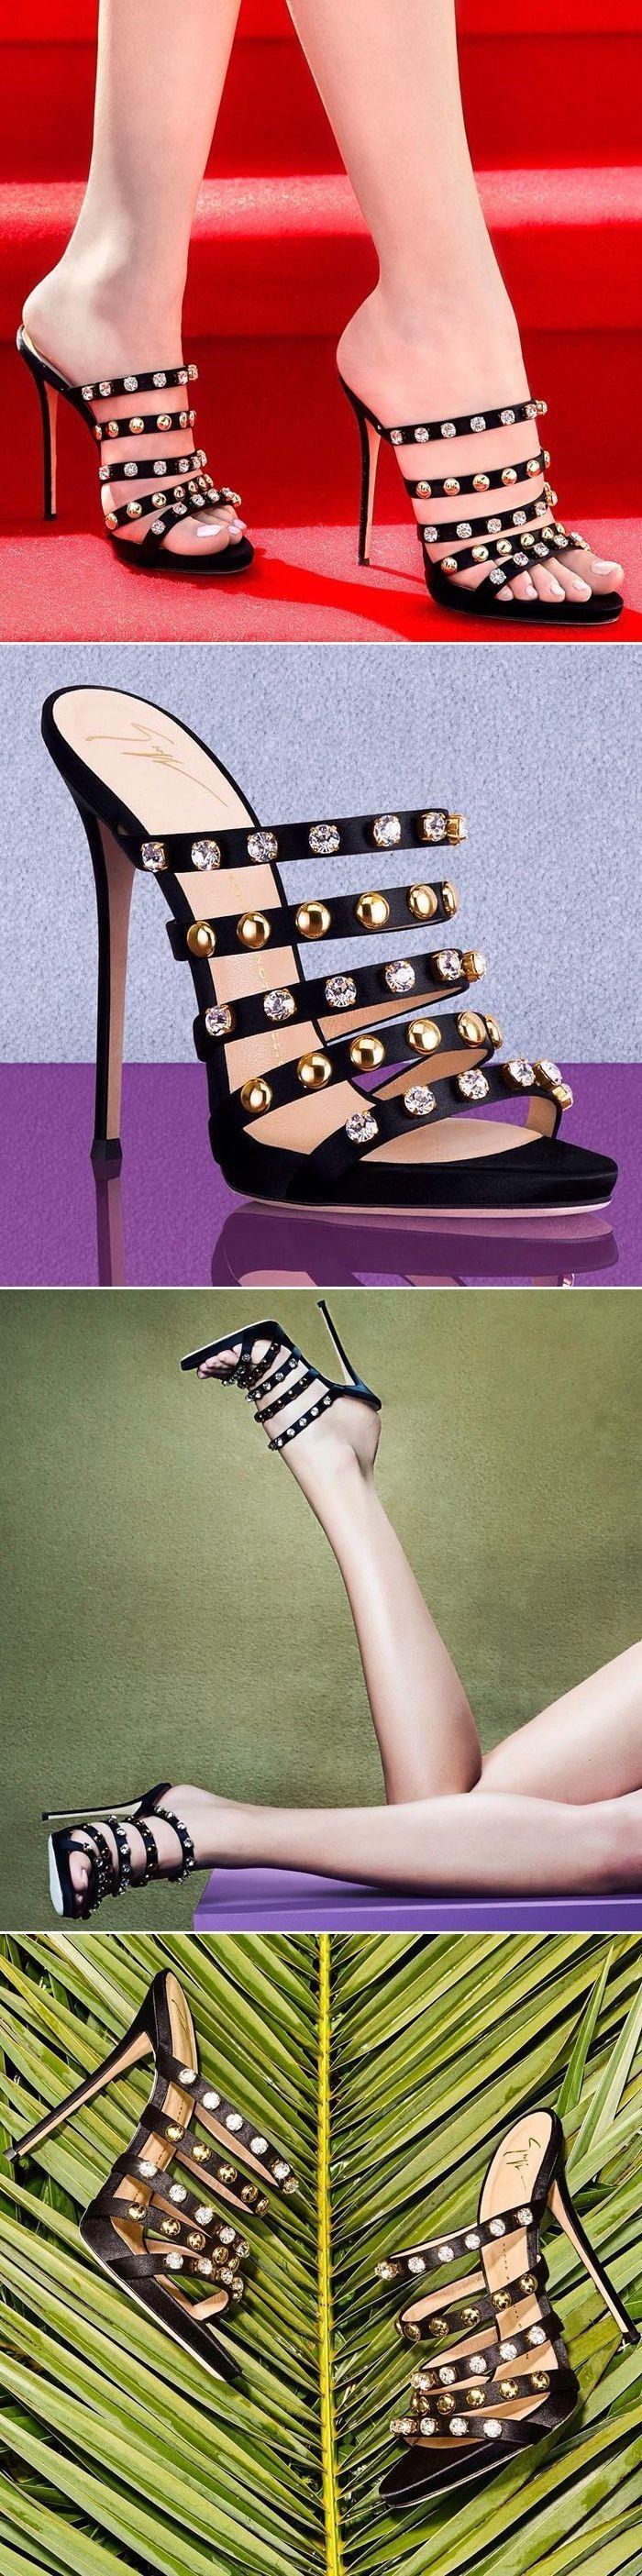 10 Latest Women's Designer Shoes From Giuseppe Zanotti #goldstilettoheels #giuseppezanottiheelsstilettos #giuseppezanottiheelssandals